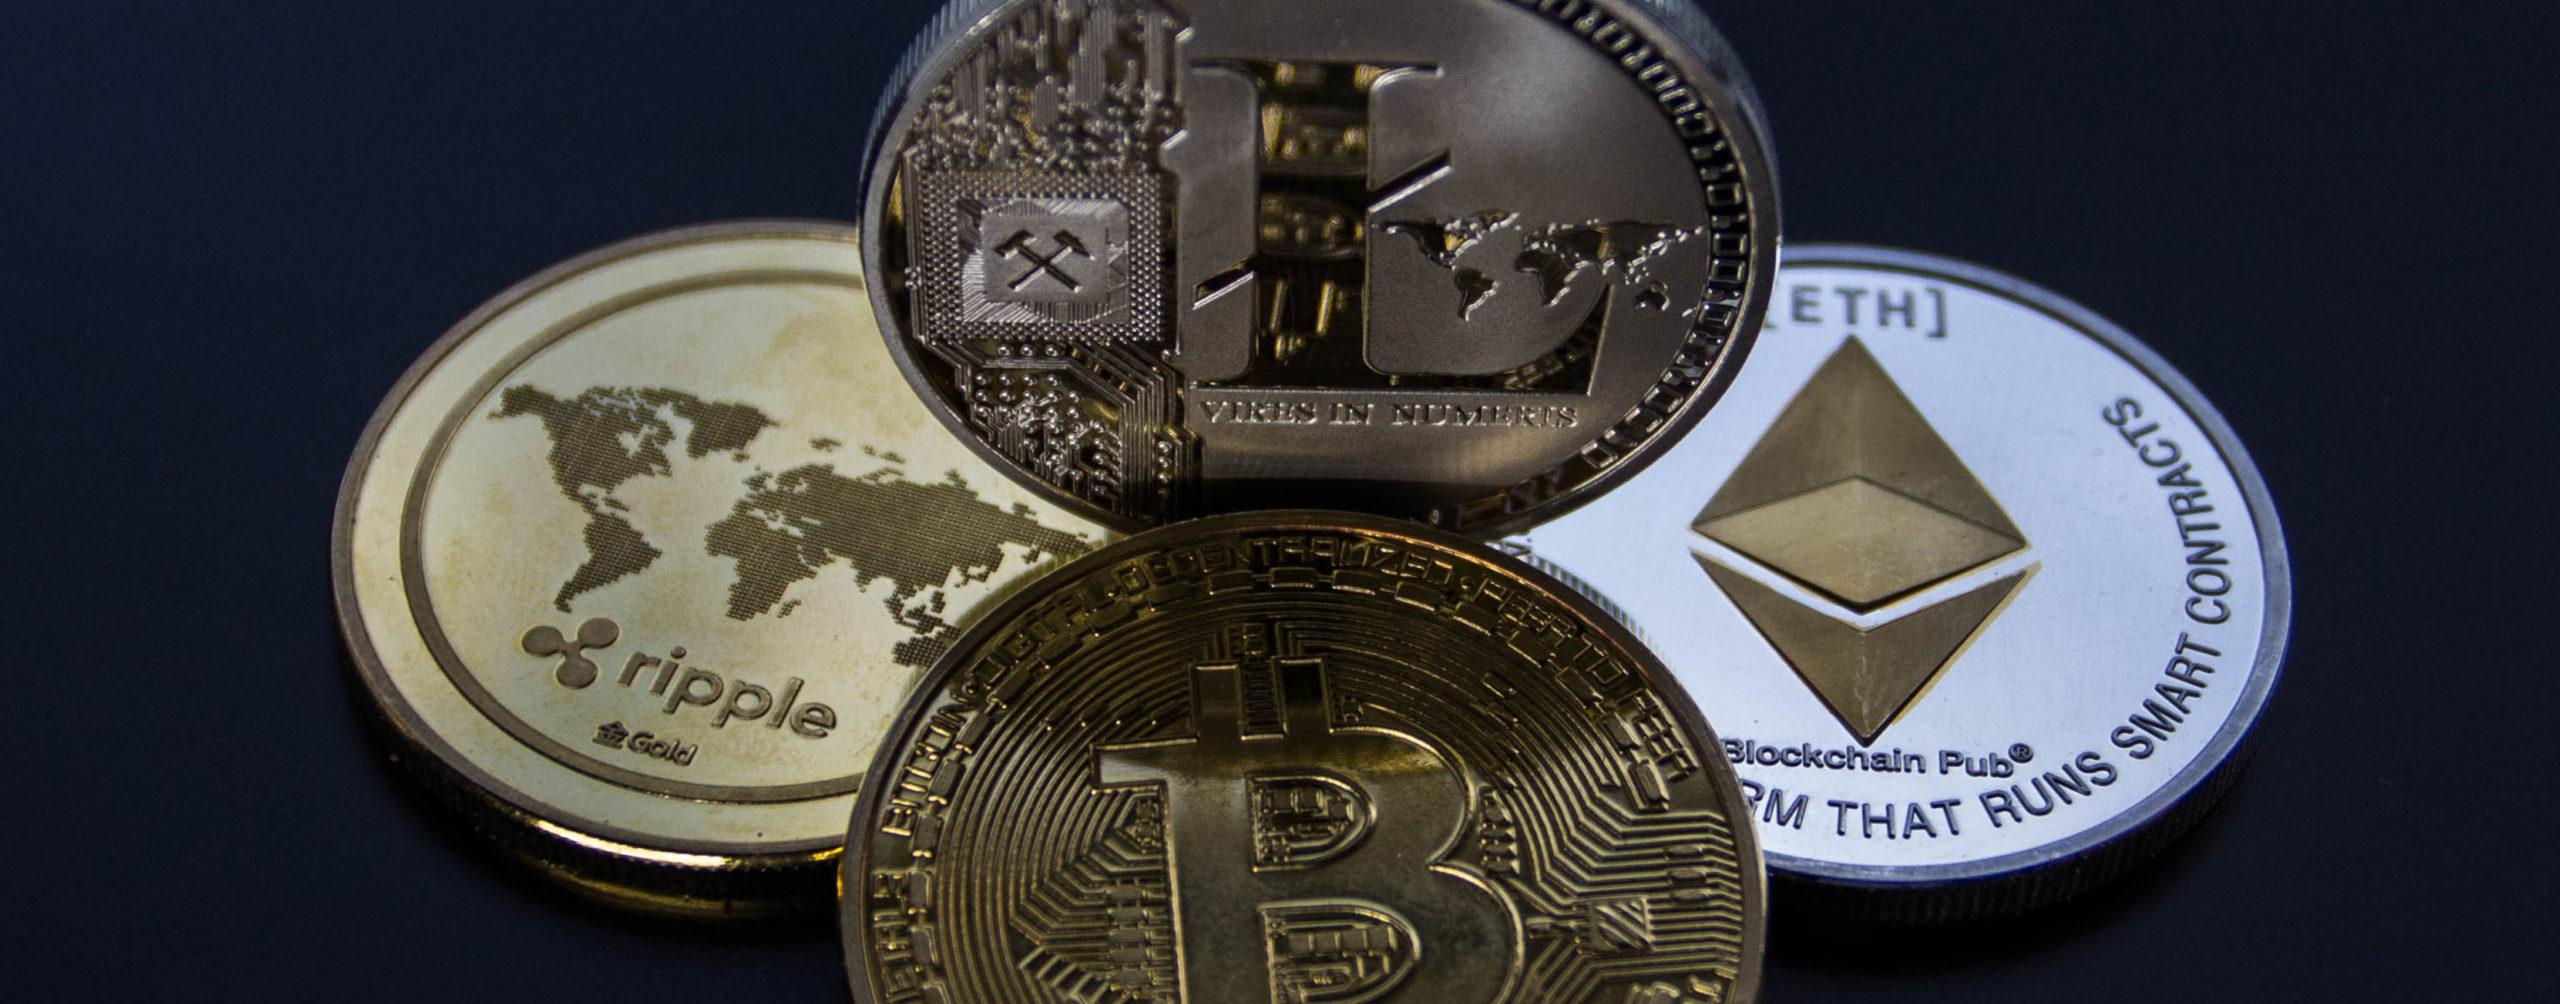 Monedas virtuales, ¿cómo elegir la mejor?